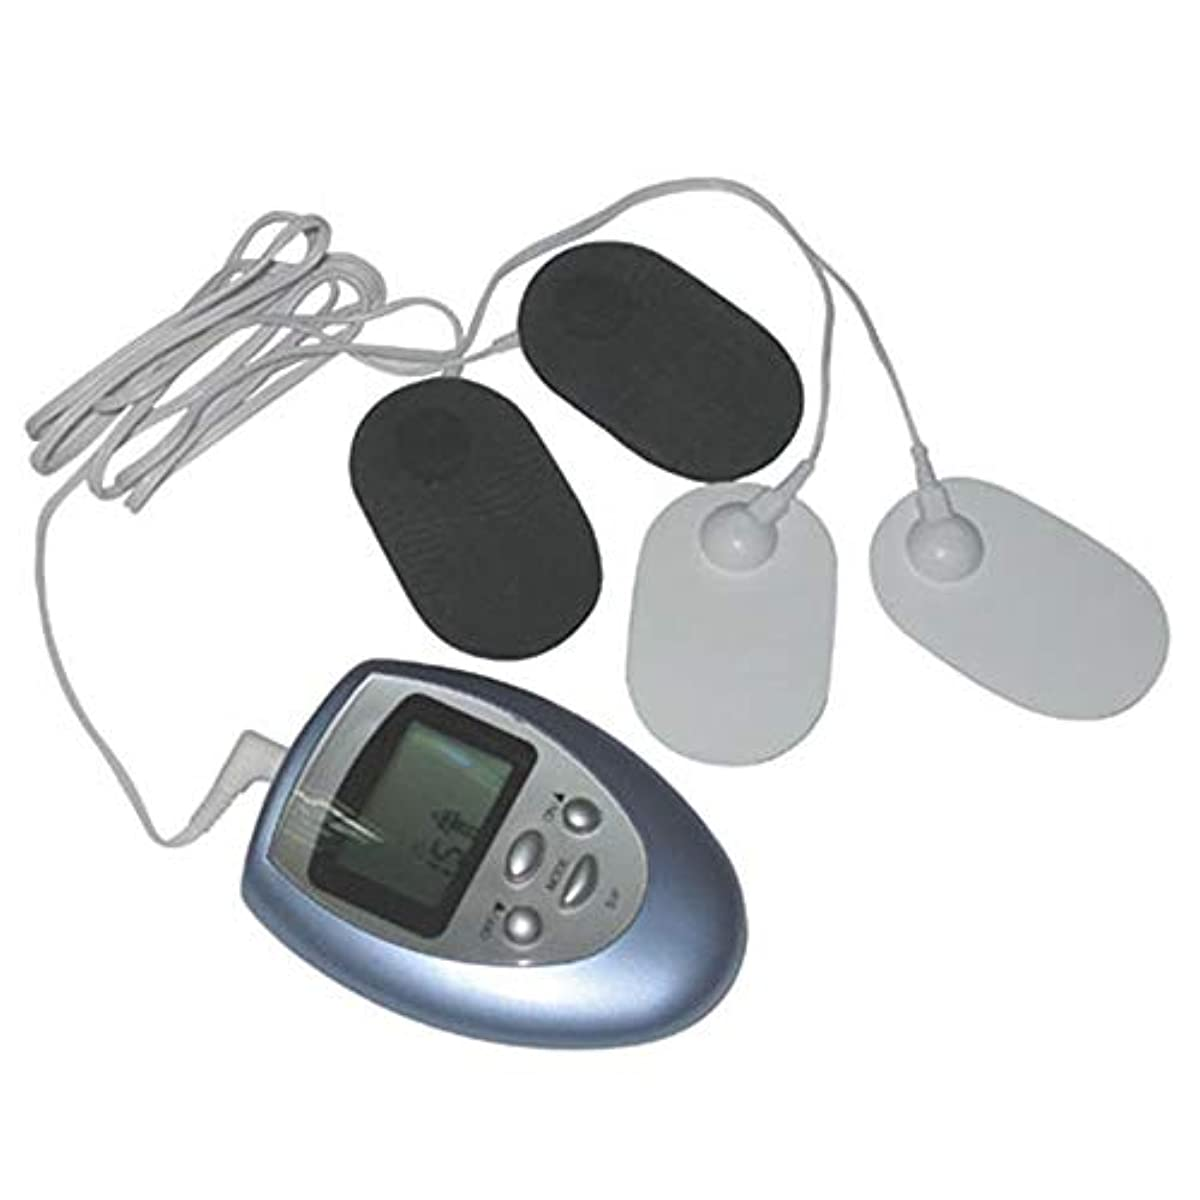 保安マングル正確にポータブル電気刺激装置、パルスマッサージャーマッスルスティミュレーター4個のパッドを備えたユニット8個の痛みを軽減するためのモードブルー